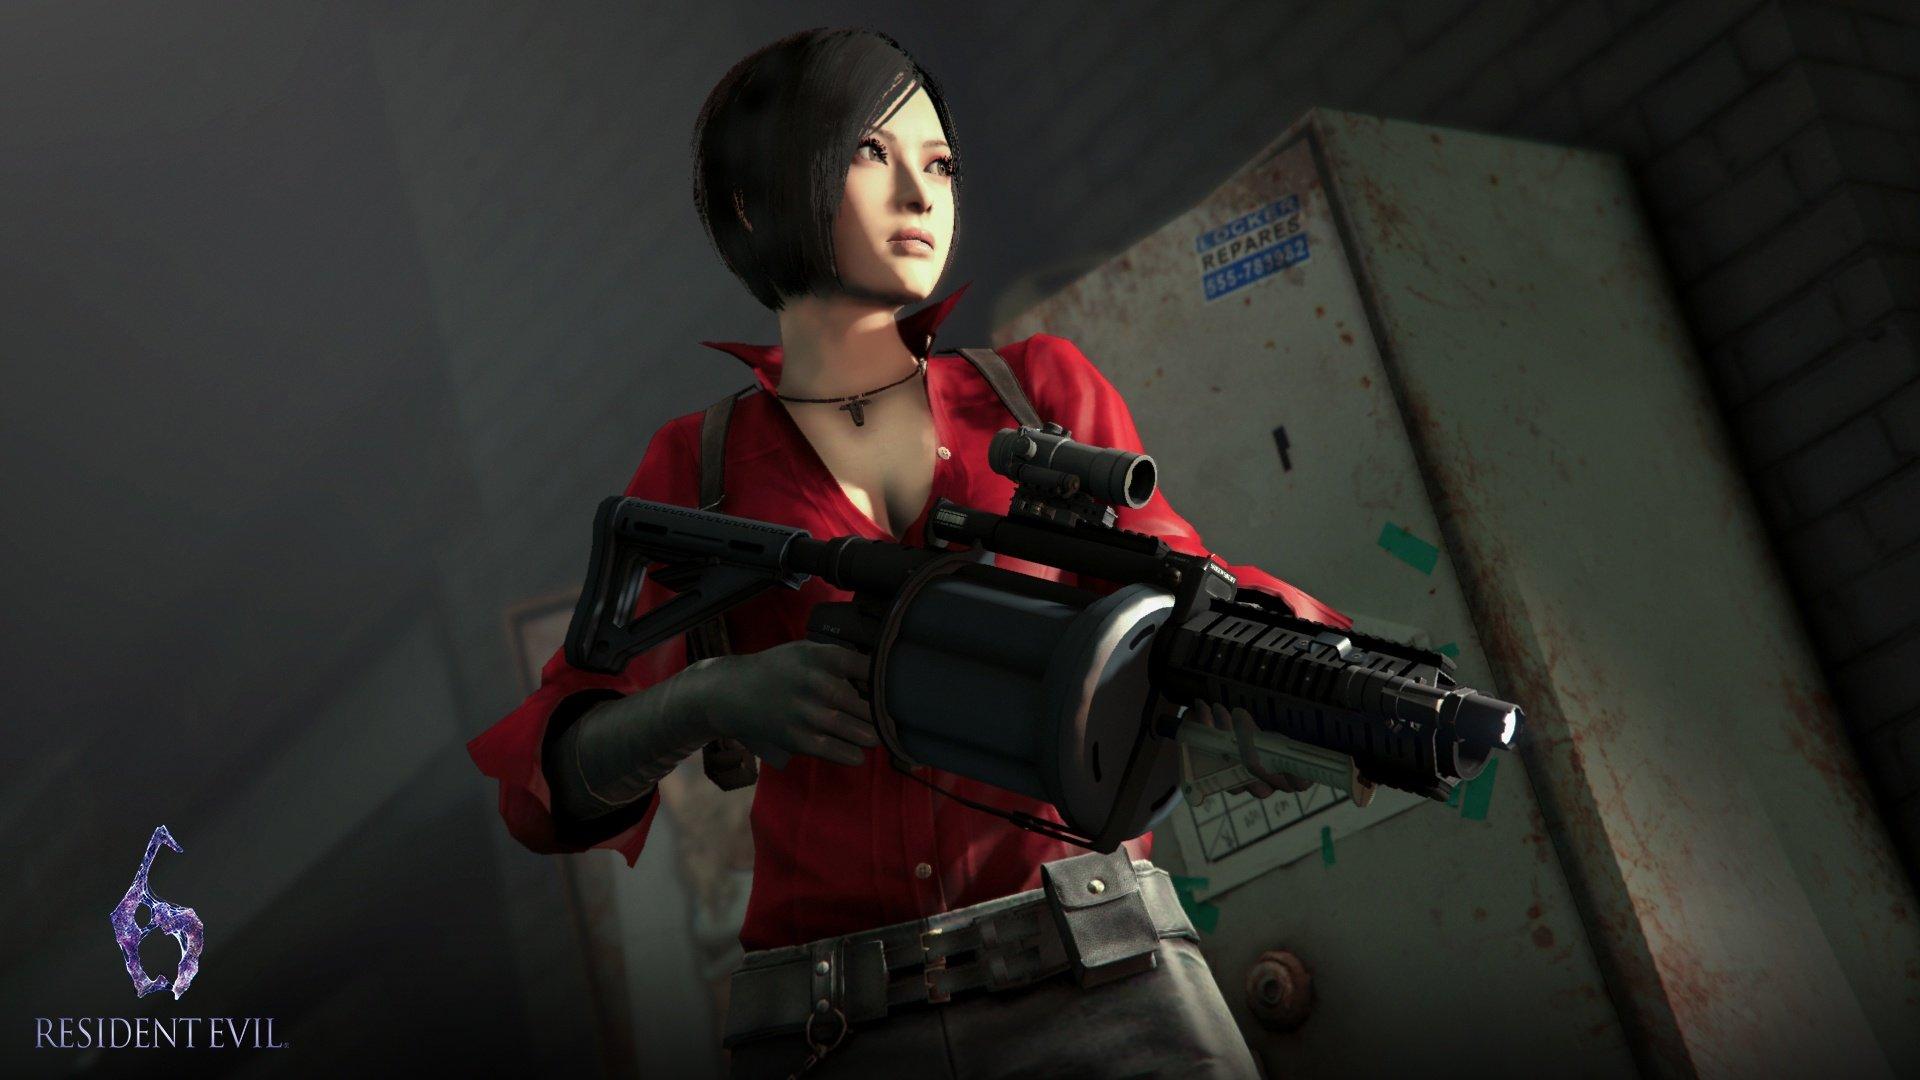 Wallpaper Ada Wong Resident Evil Resident Evil 2 Resident